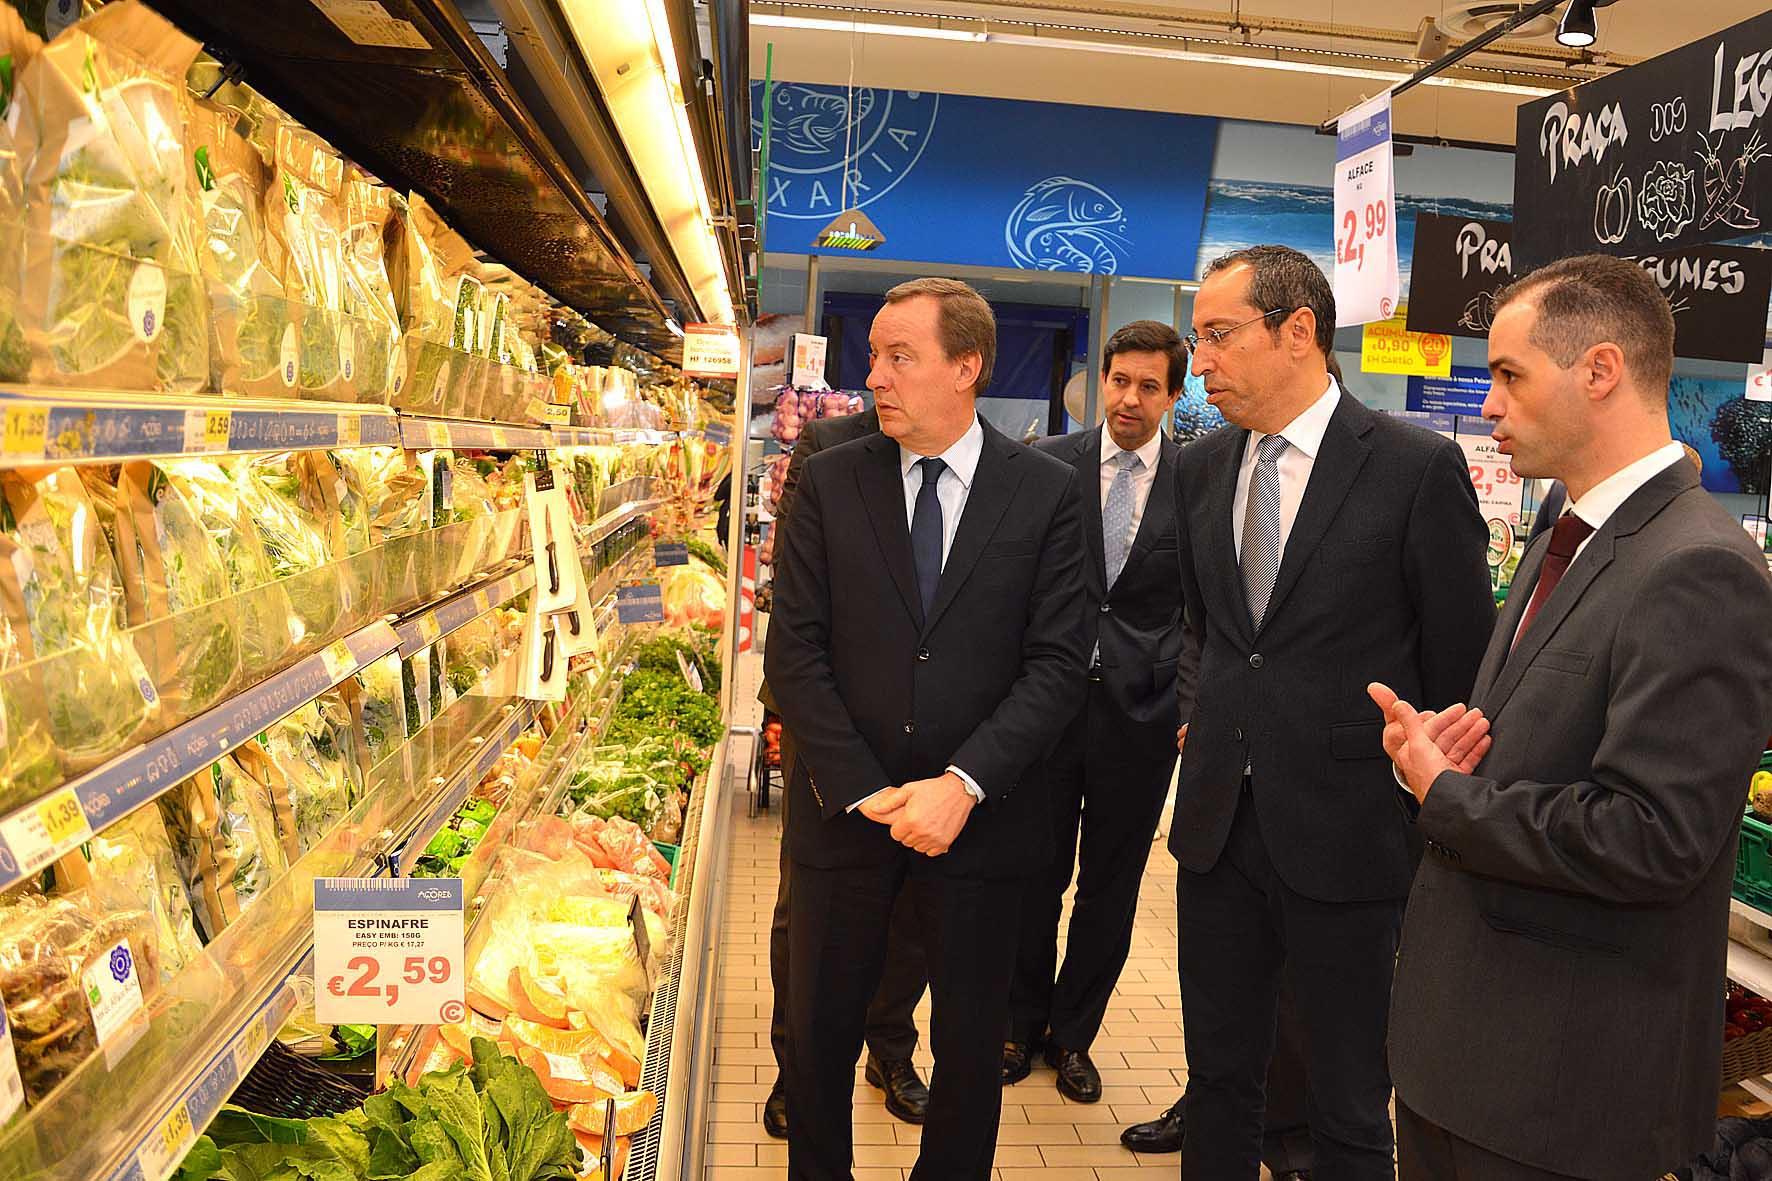 Cooperação entre produção e distribuição é essencial para a diversificação agrícola, afirma João Ponte